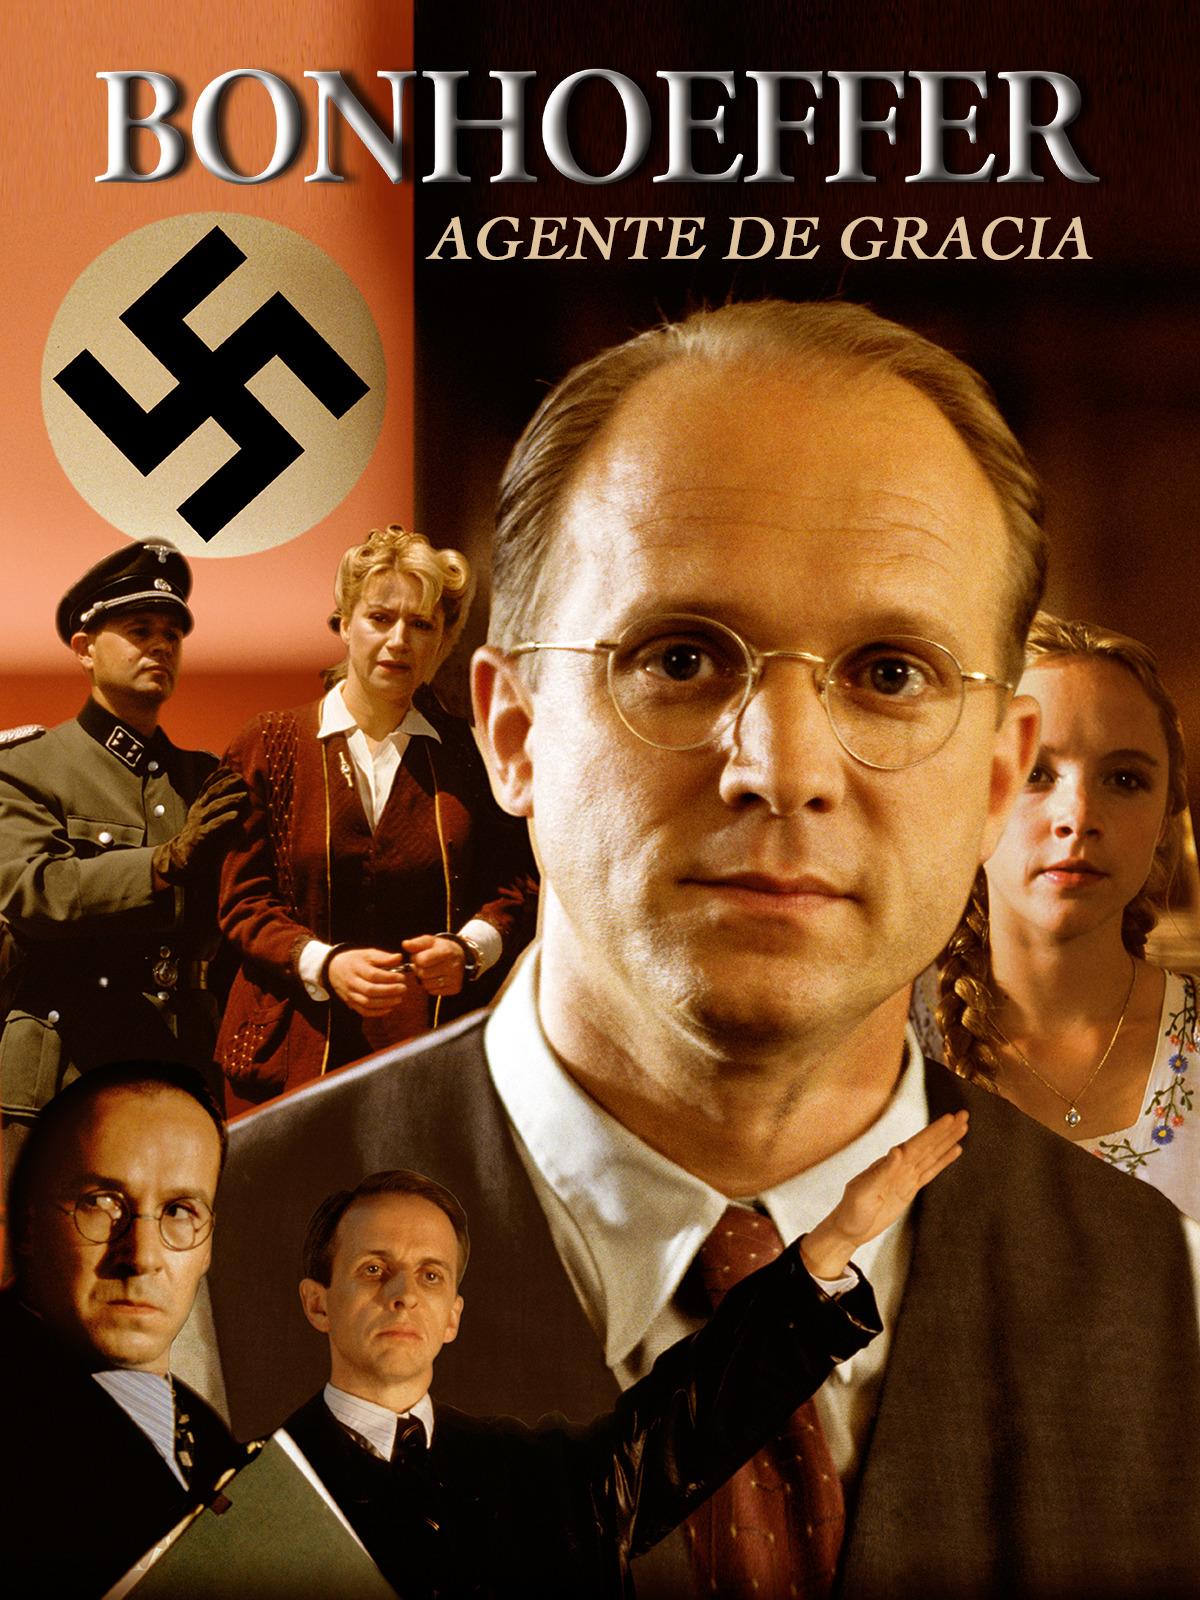 Bonhoeffer: Agente de gracia